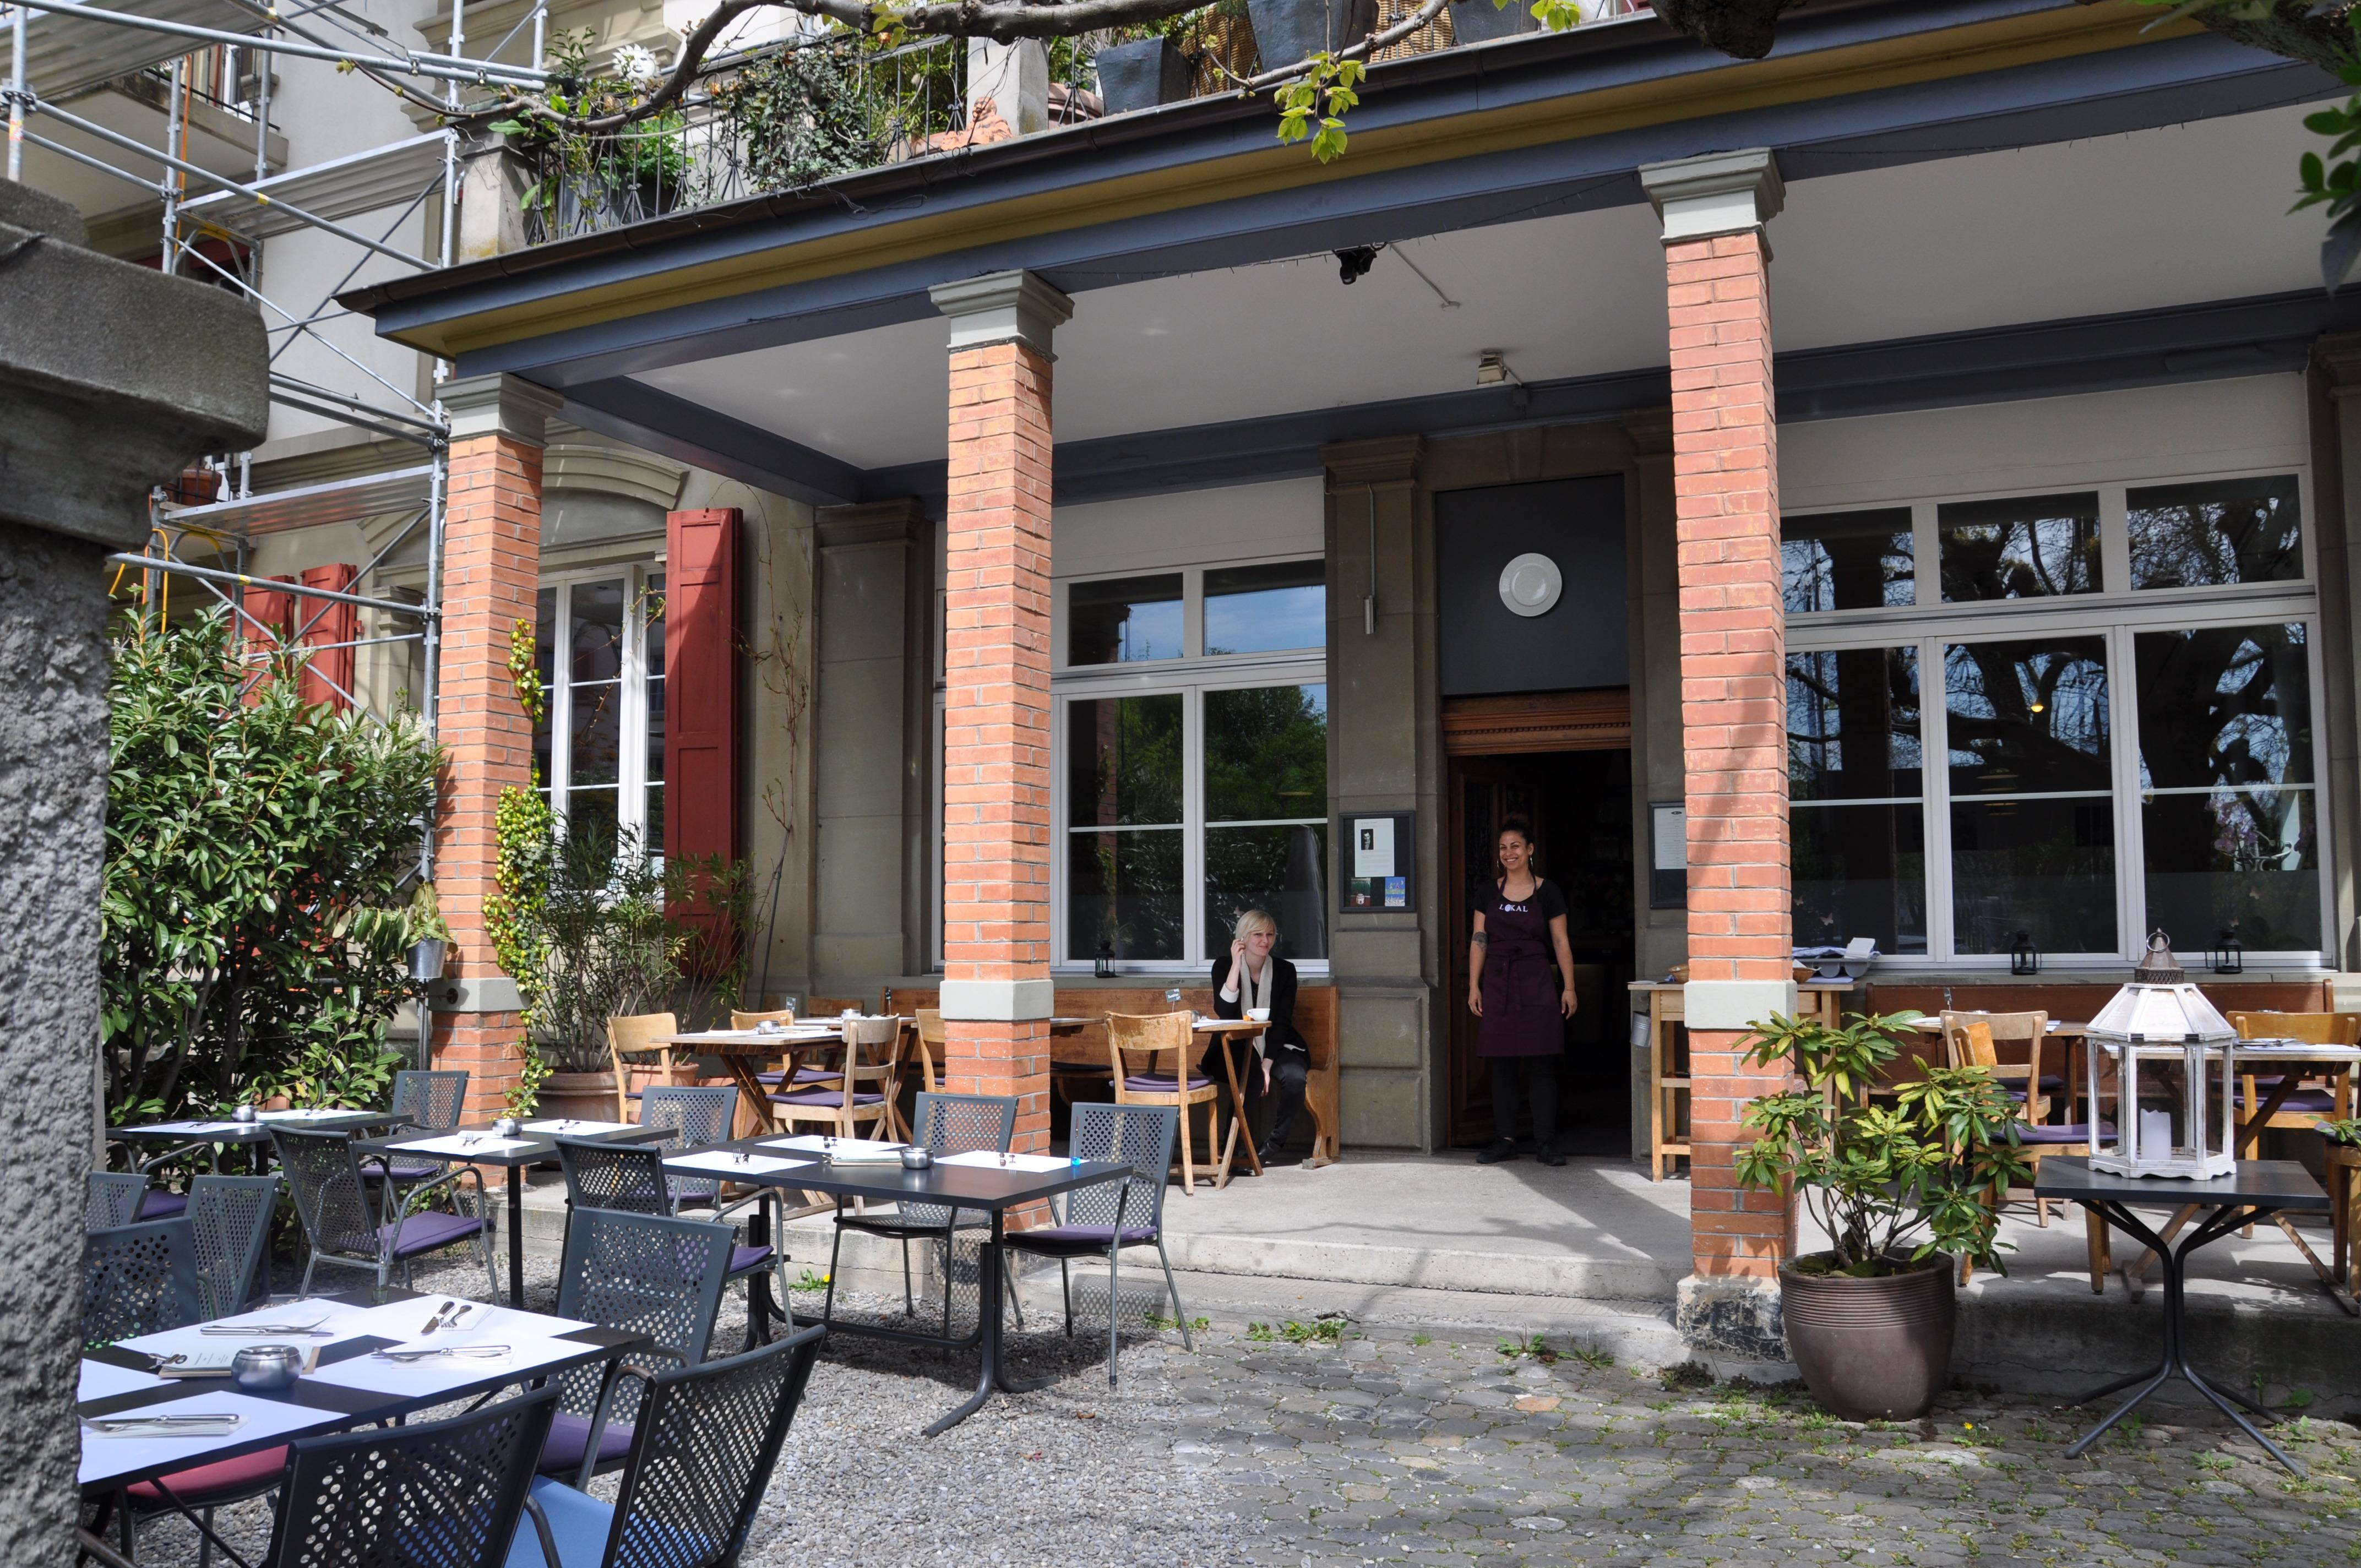 Restaurant Lokal in Bern - Ausgezeichnete Restaurants, Bars, Take ...